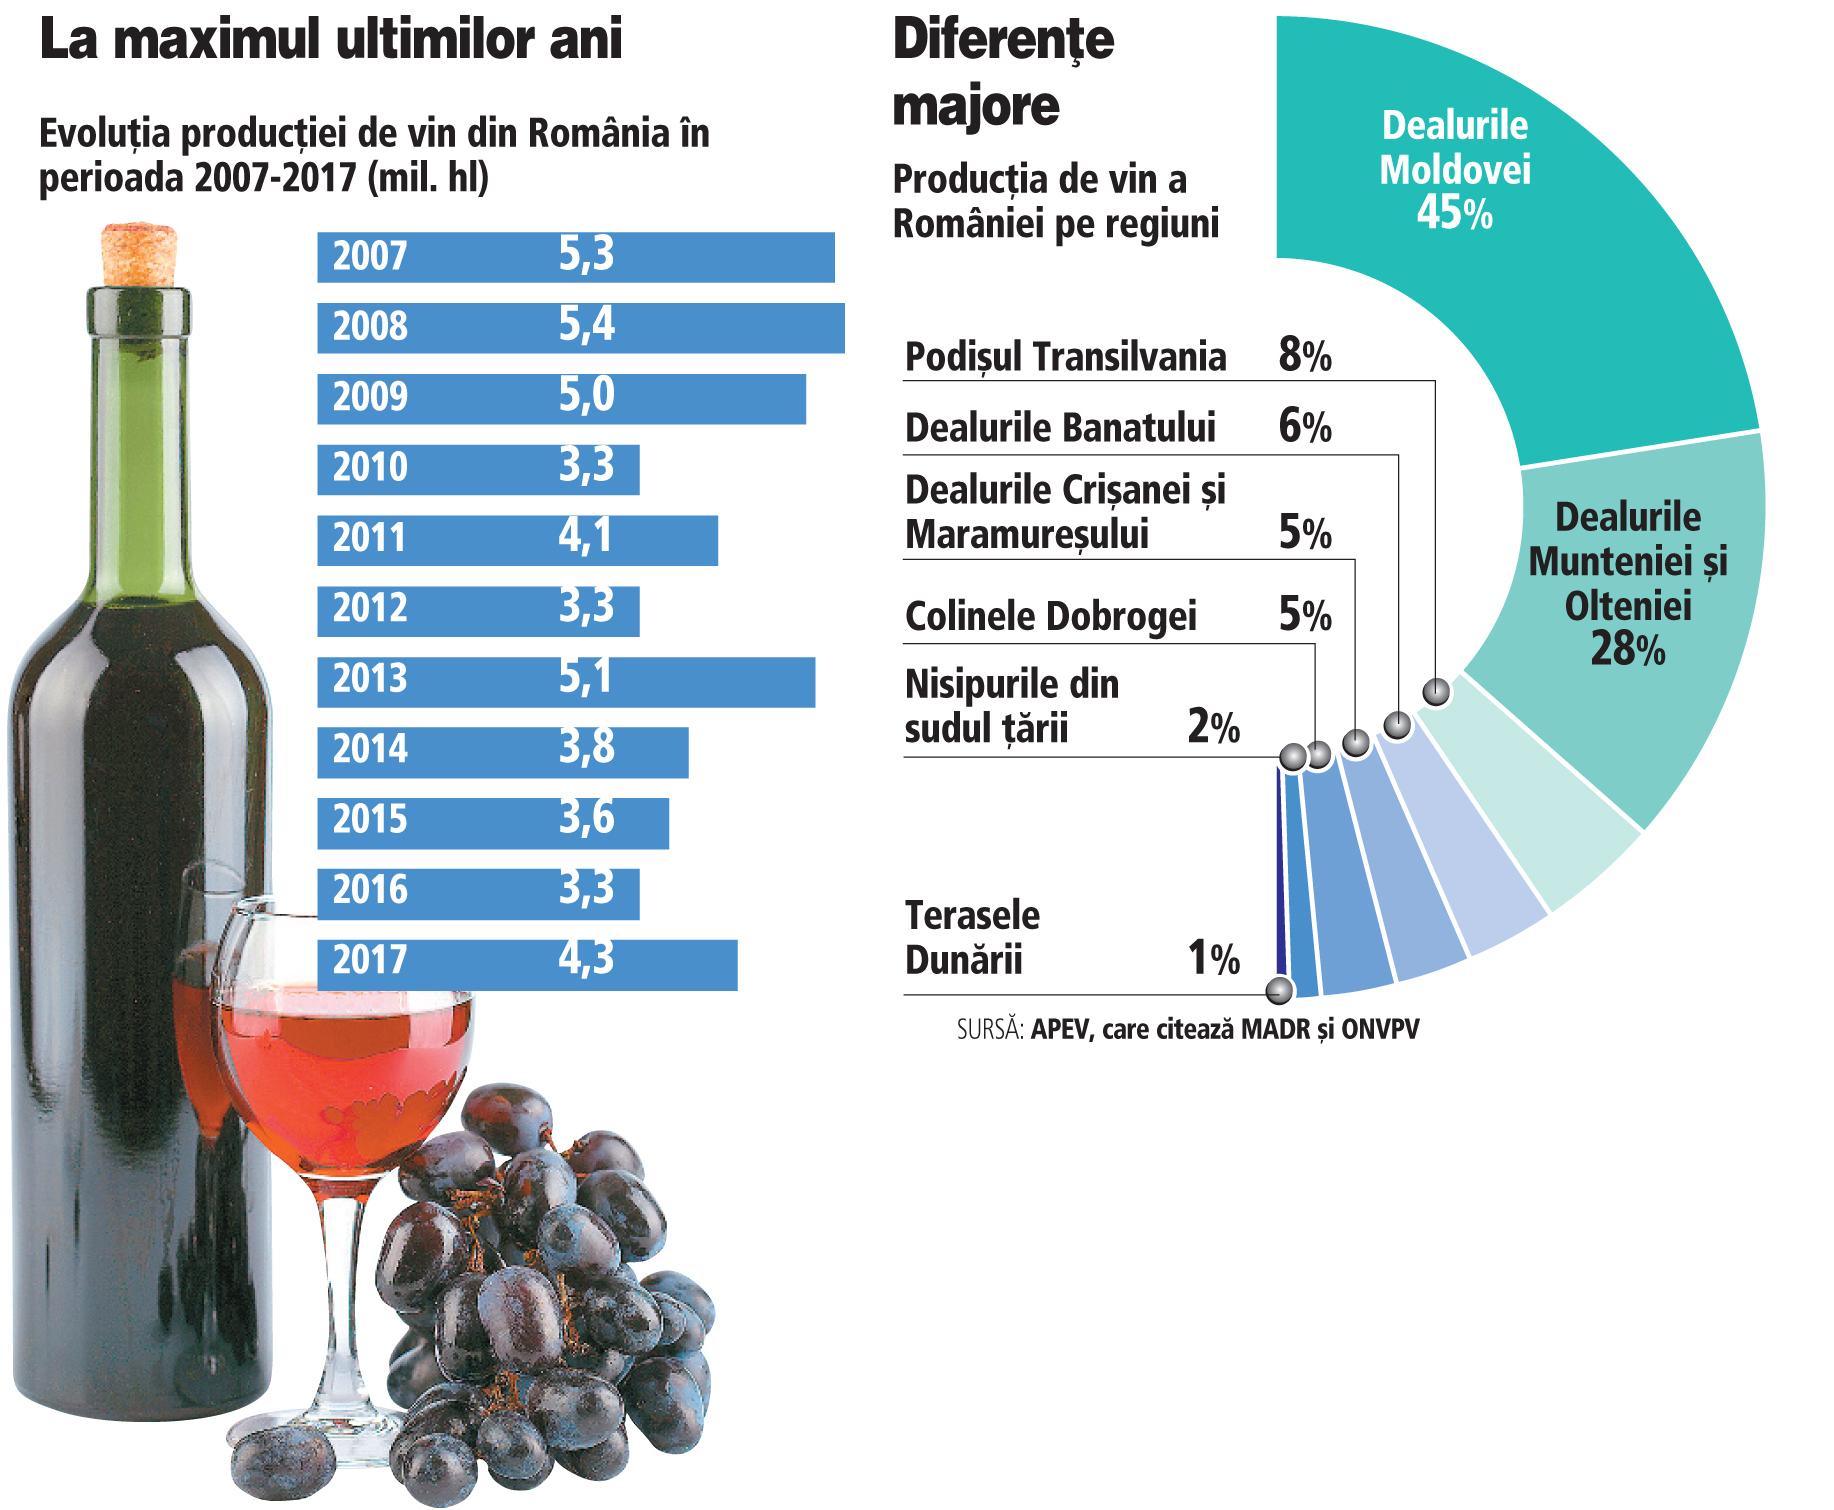 Grafic: Evoluţia producţiei de vin din România în perioada 2007-2017 (mil. hl)